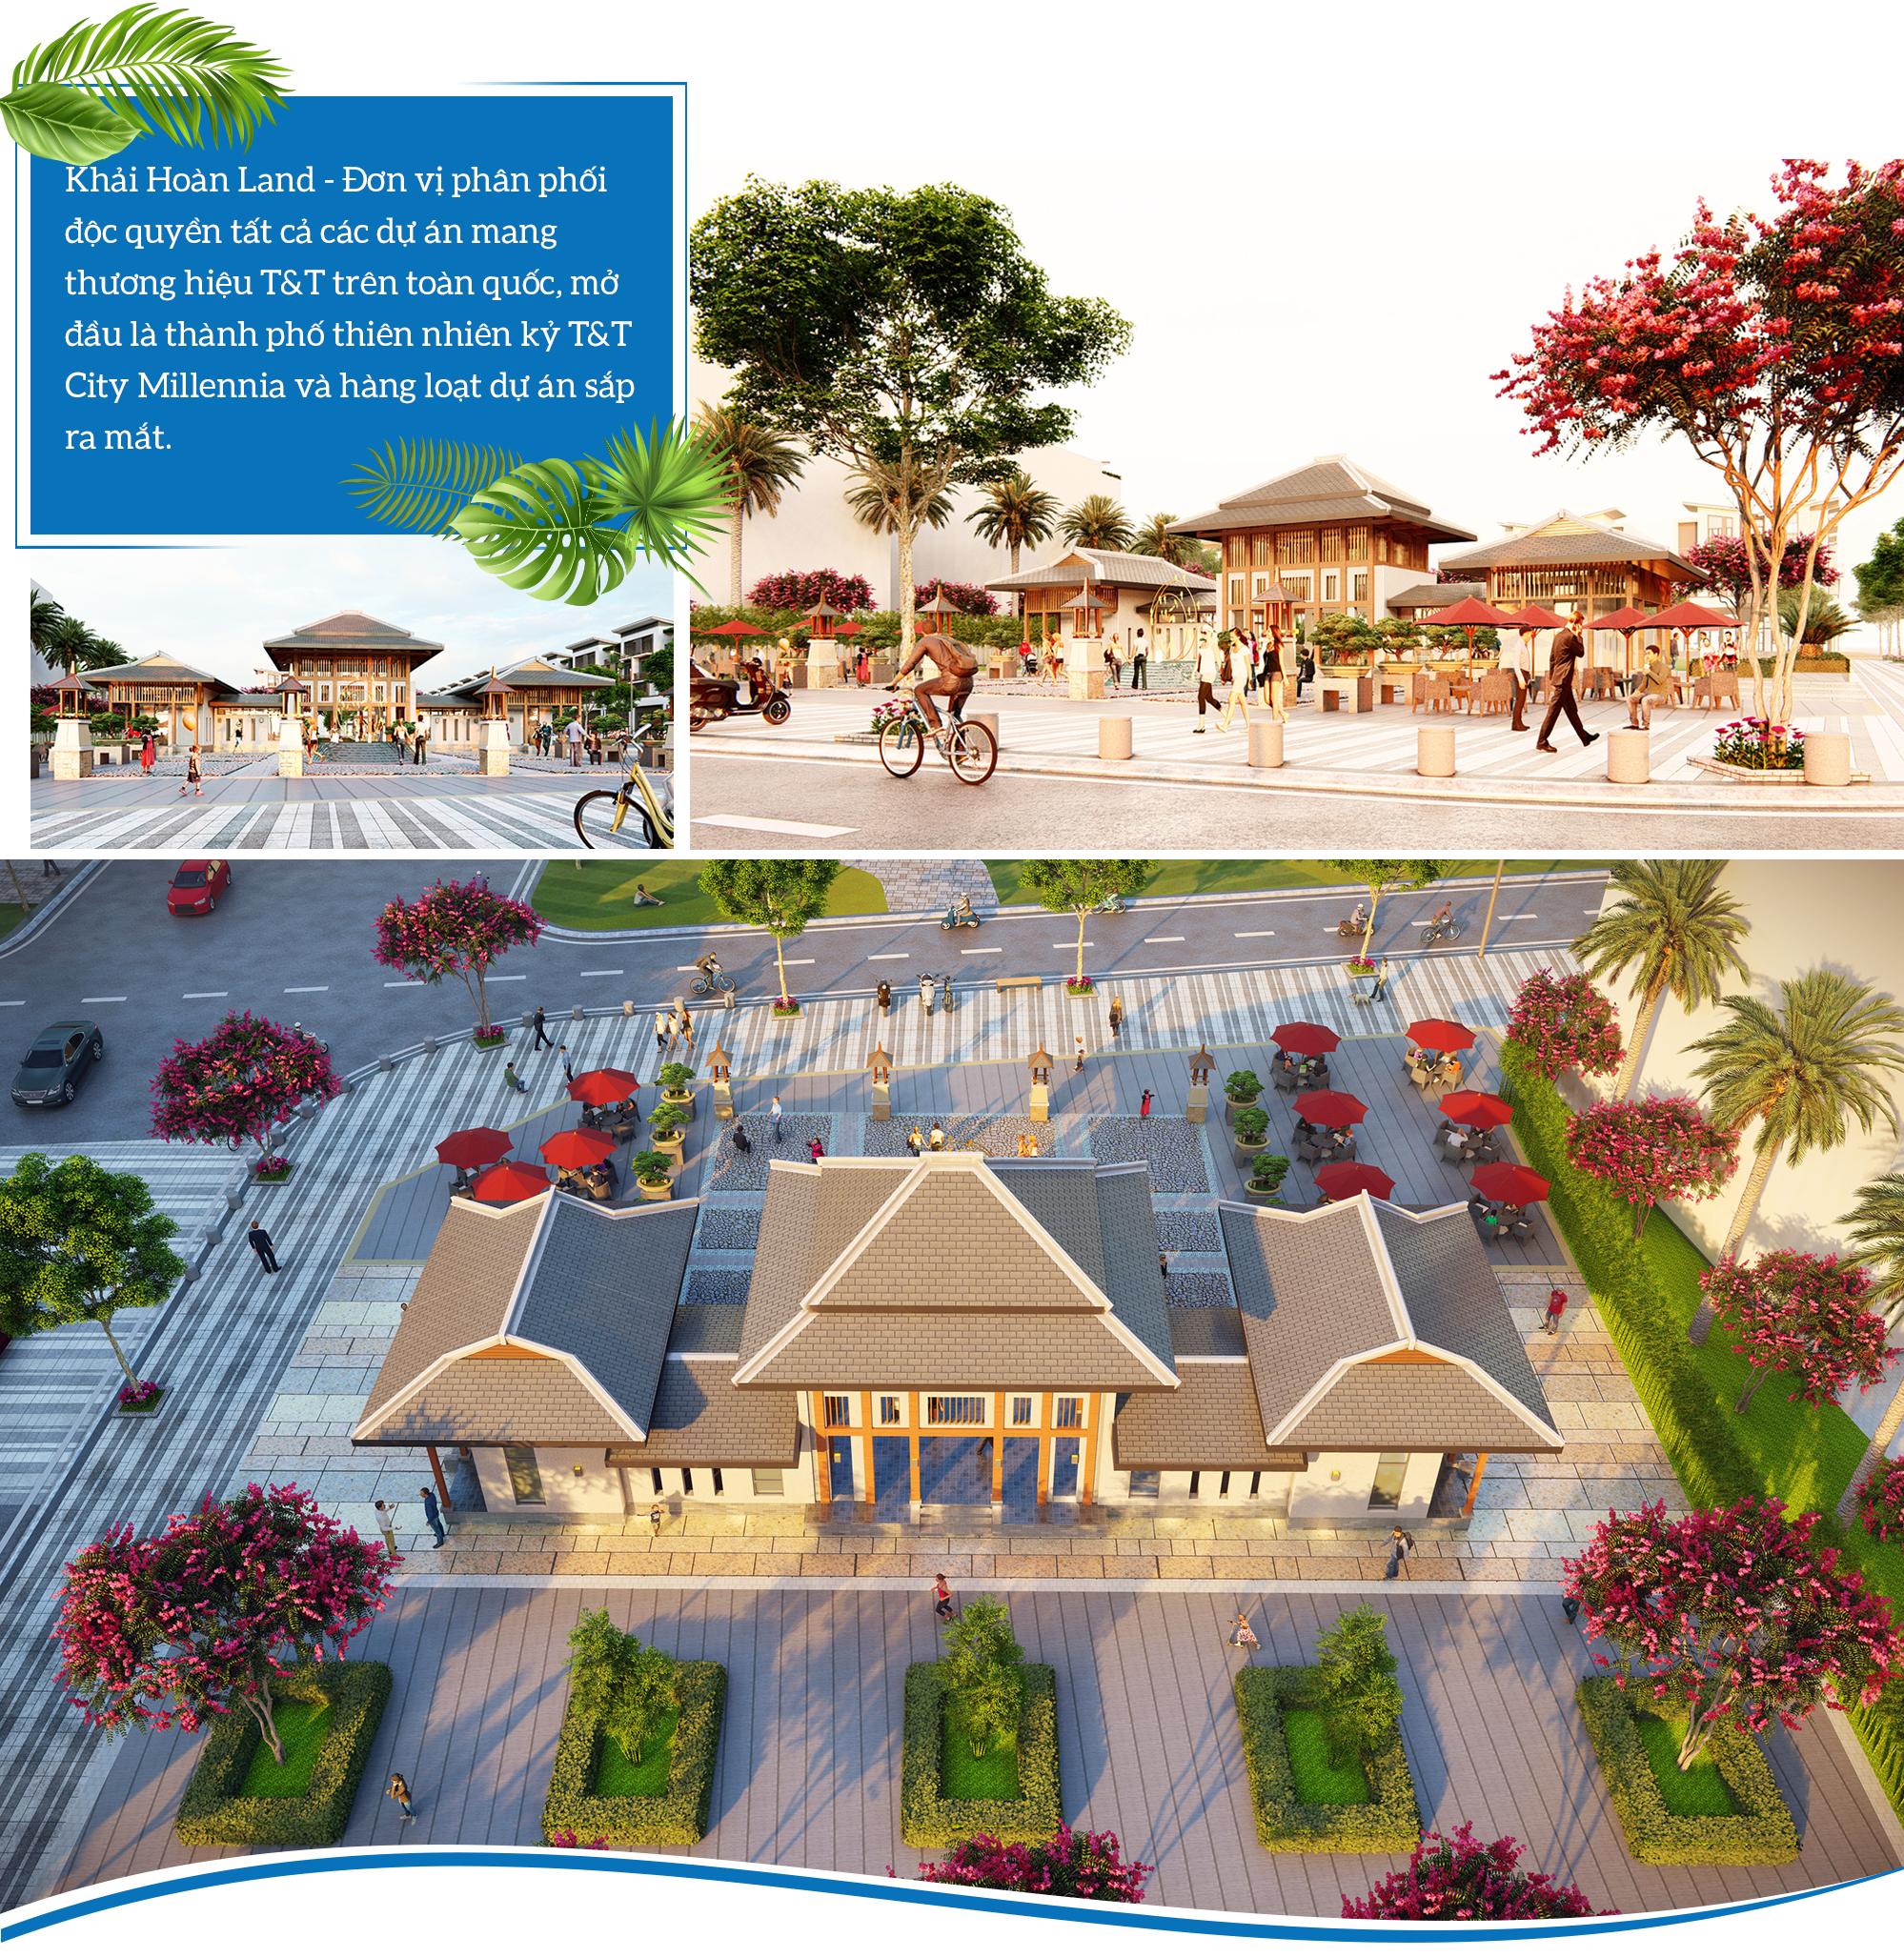 Thành phố Thiên niên kỷ T&T City Millennia – Miền đất hứa cho giấc mơ tương lai - Ảnh 7.